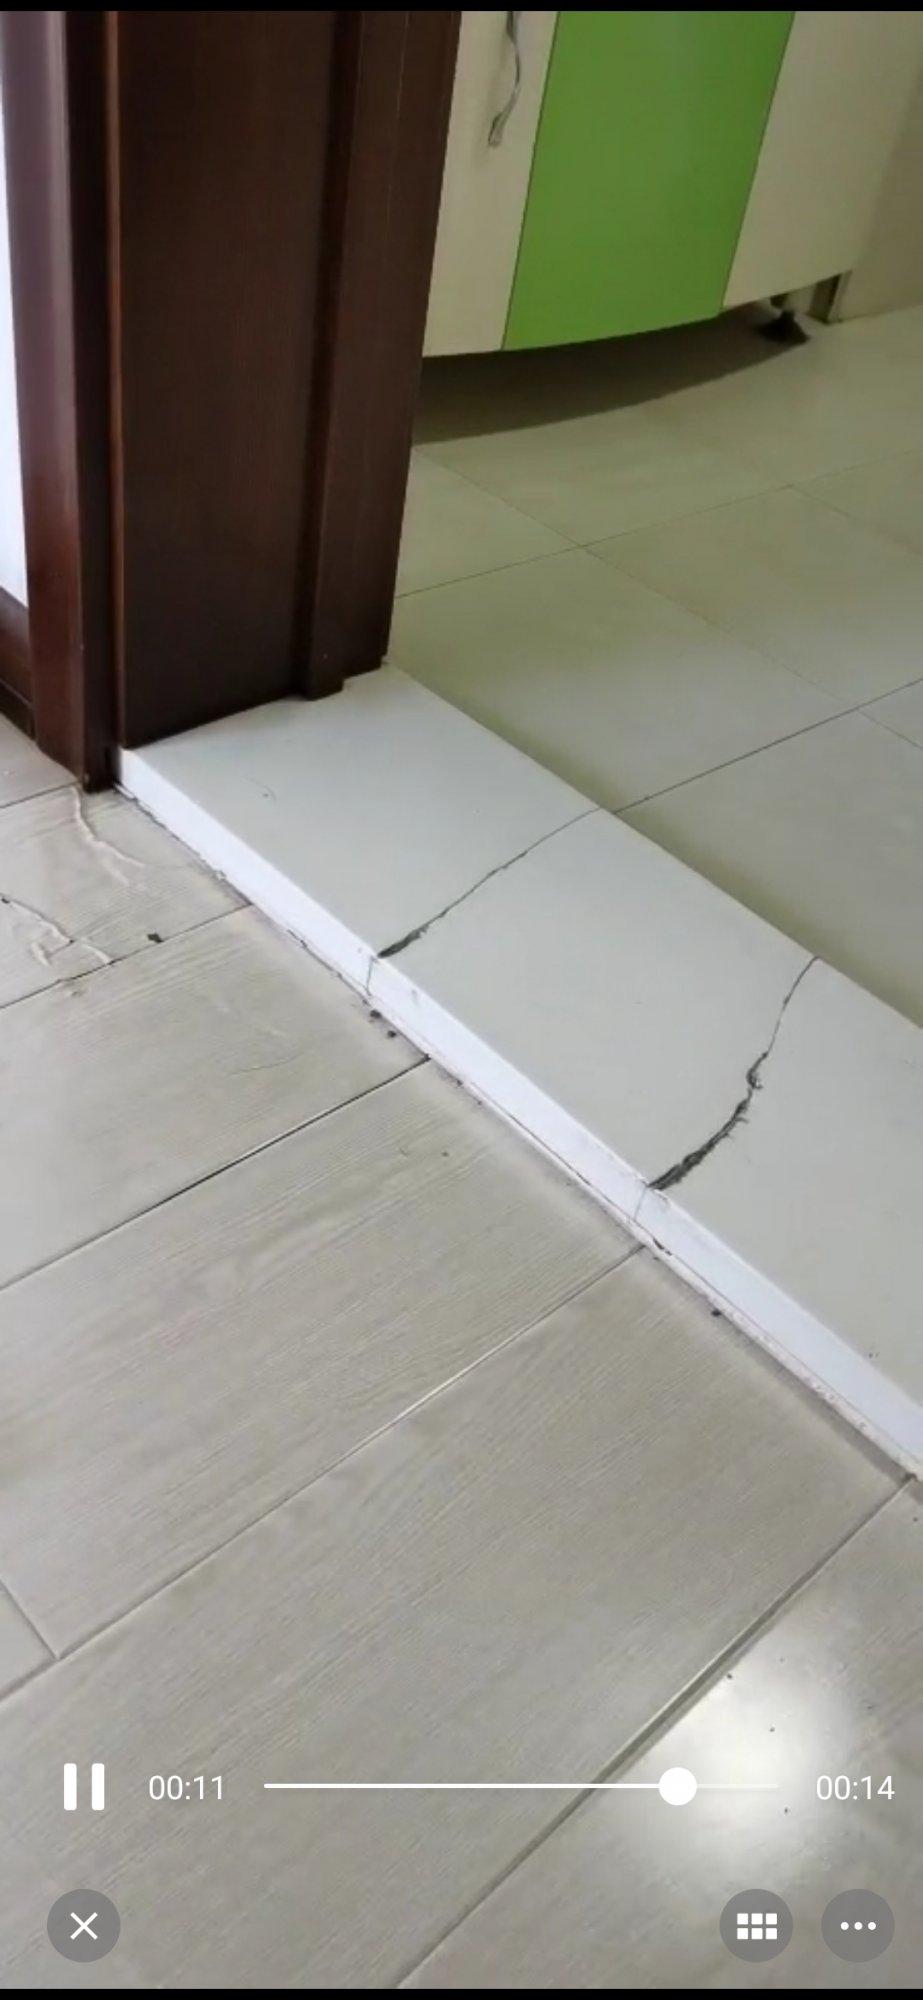 卫生间门口和门不想拆,怕被破坏,可以更换卫生间过门石吗?浸水的地板如何更换呢?